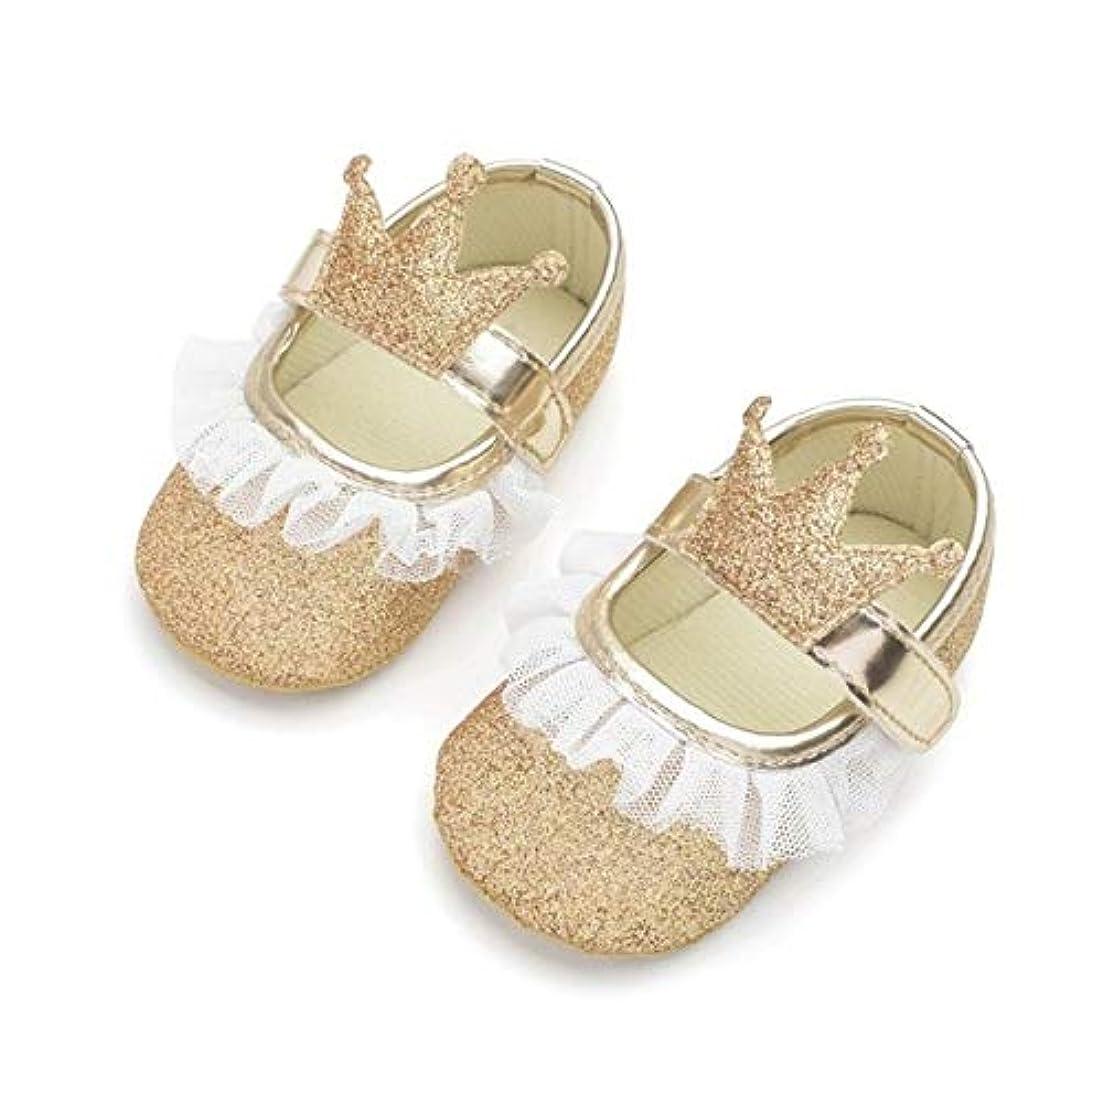 決済仮定、想定。推測以前はベビーシューズ Hwj女の赤ちゃんは、レースPUレザープリンセス新生児クラウンシューズシューズサイズ:13センチメートル(ゴールド) (Color : Gold)